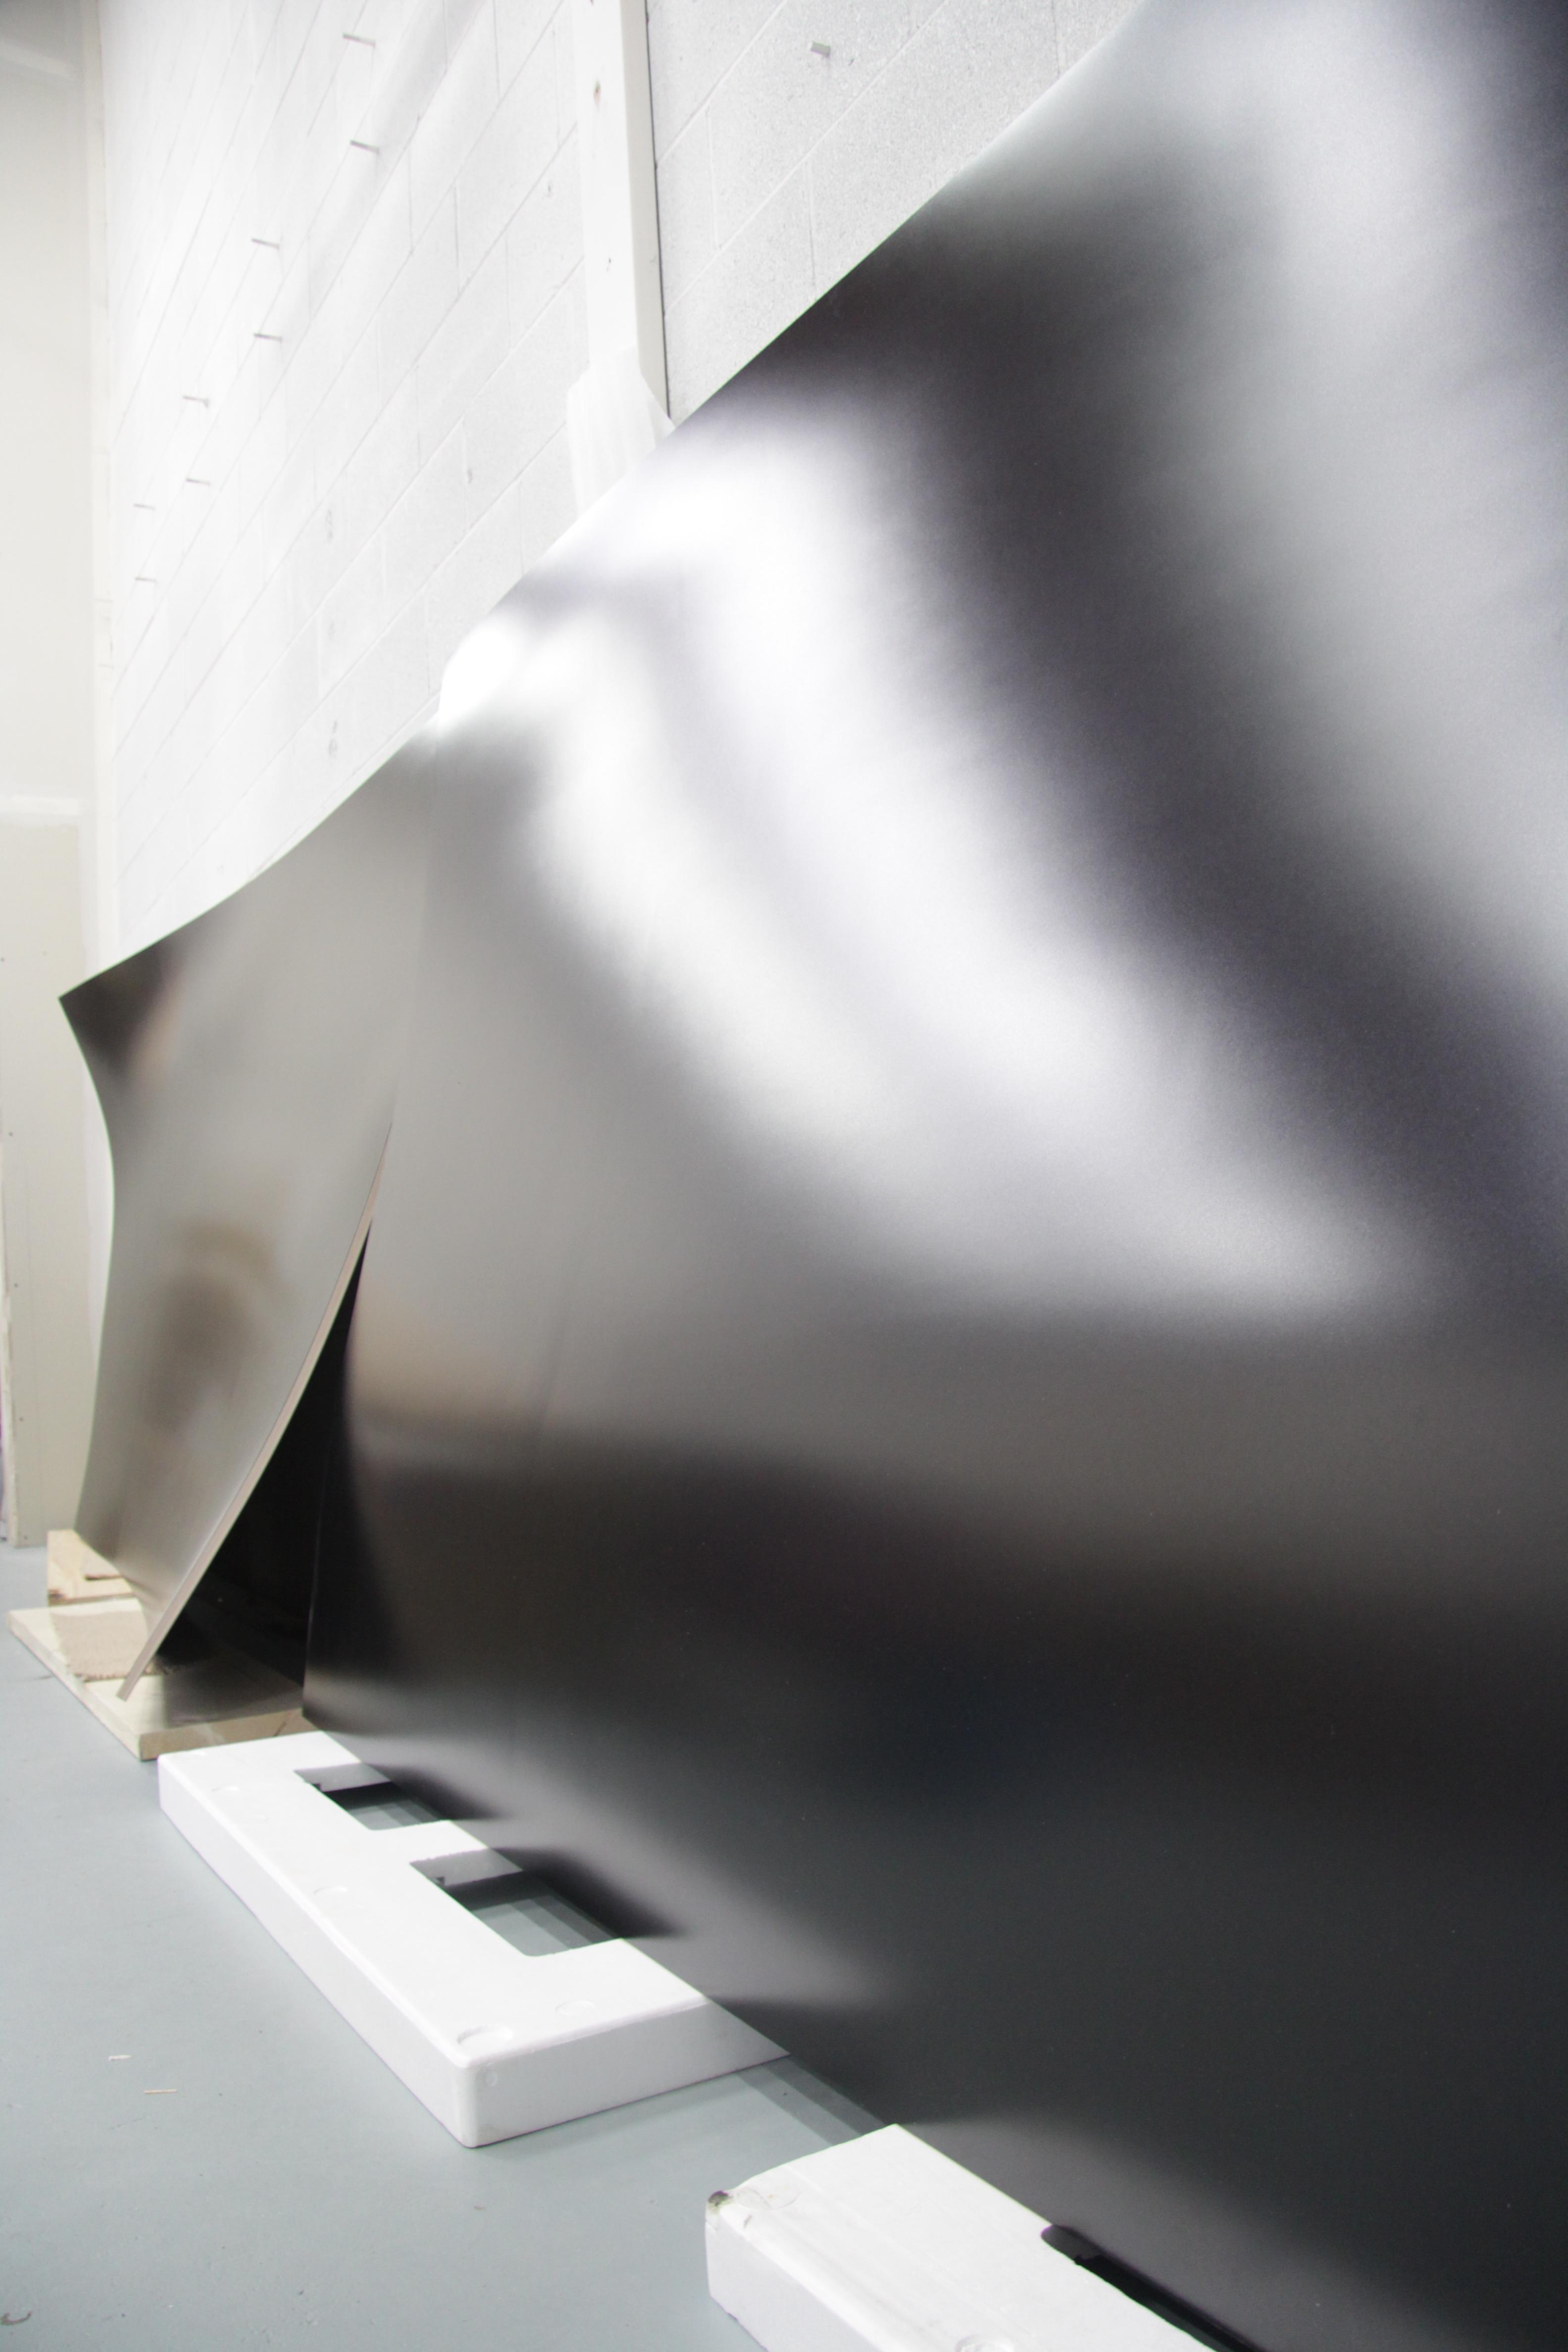 Nox Borealis Mock-Ups and Studio Views